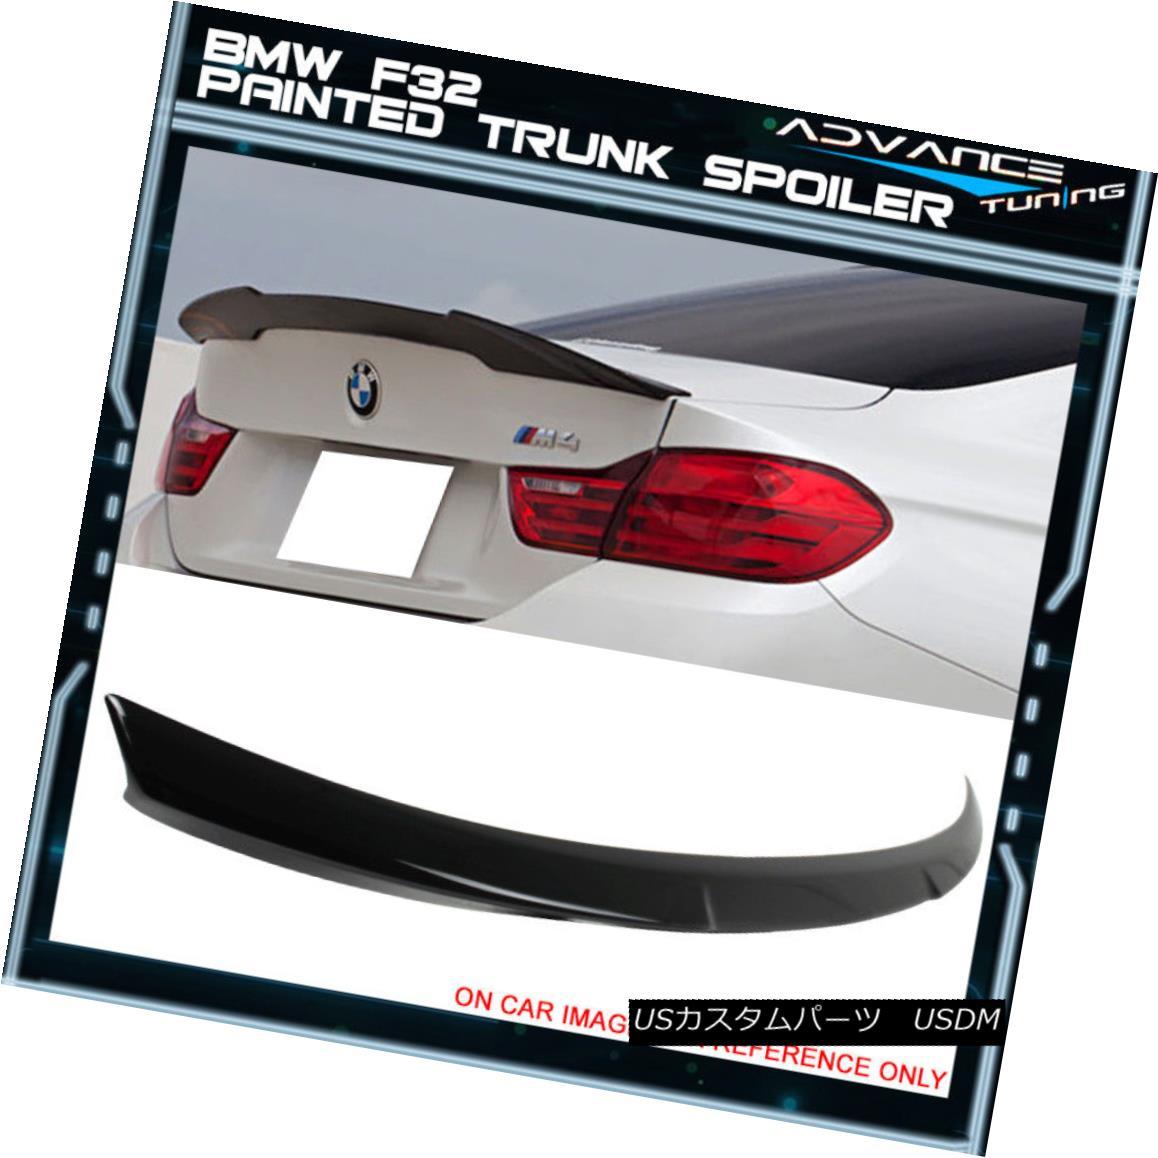 エアロパーツ 14-17 BMW F32 Coupe M4 Trunk Spoiler OEM Painted #475 Black Sapphire Metallic 14-17 BMW F32クーペM4トランク・スポイラーOEM塗装#475ブラック・サファイア・メタリック